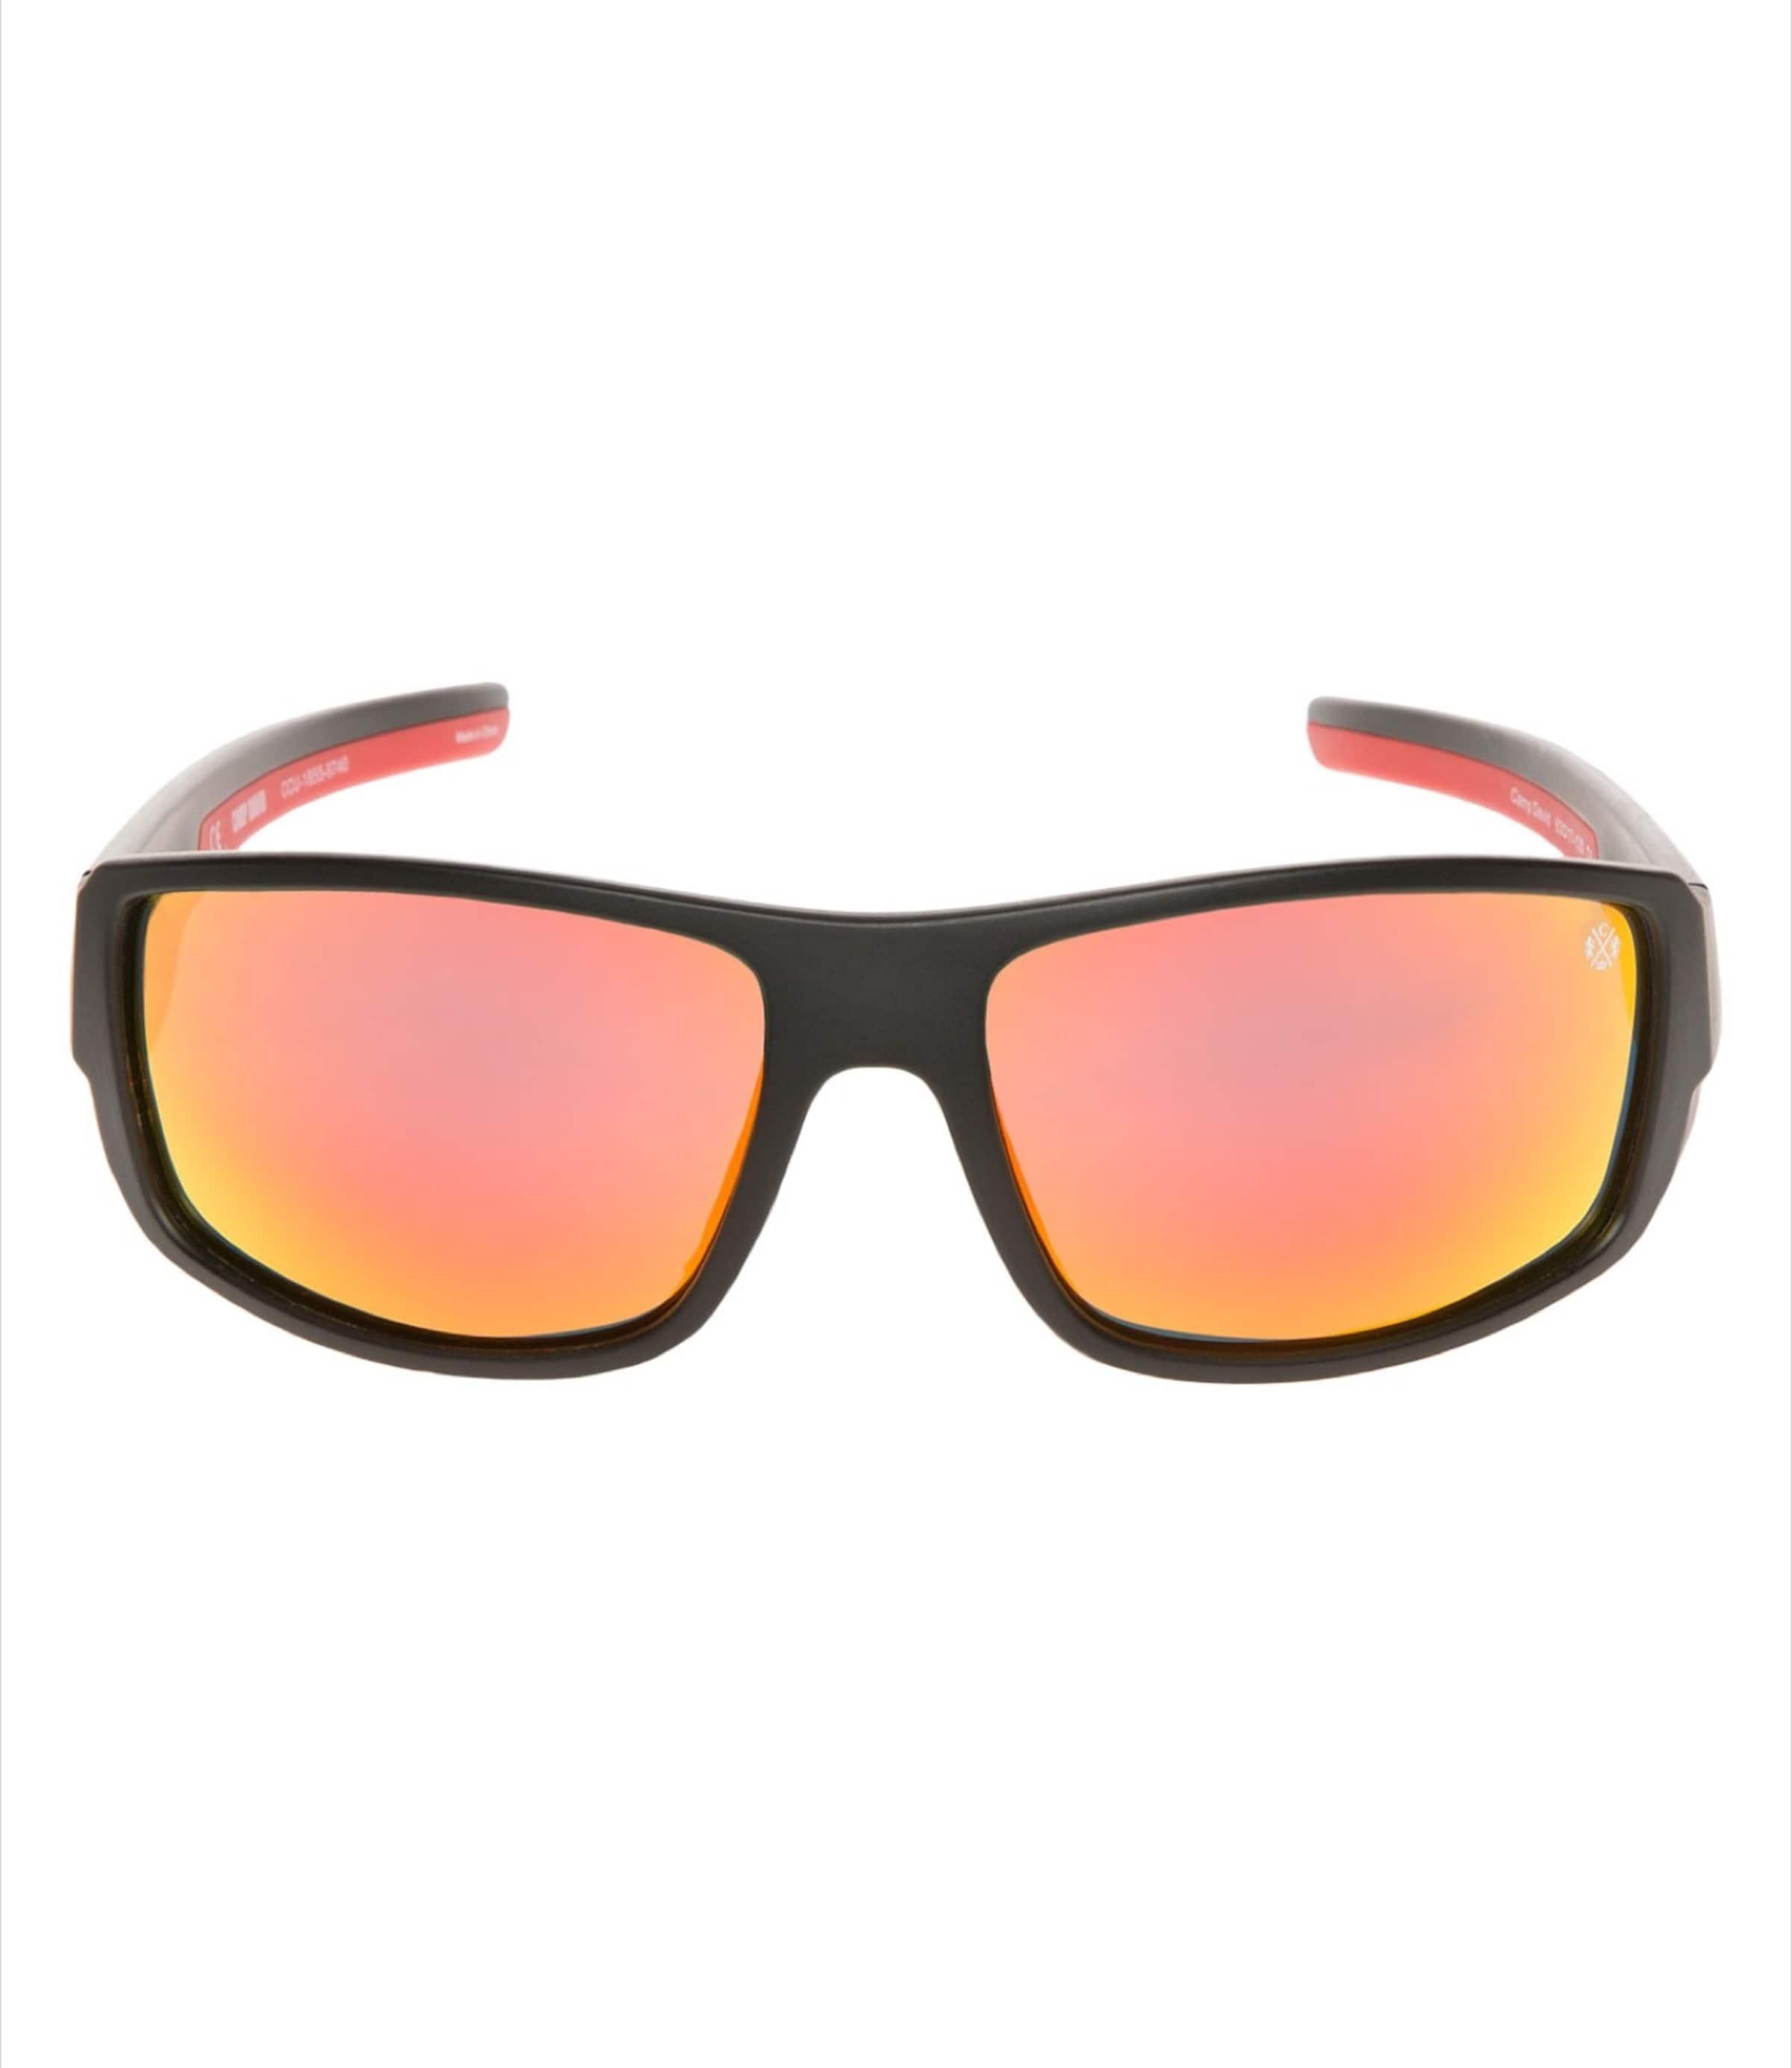 Sonnenbrille OrangerotSchwarz Camp In Camp Sonnenbrille David OrangerotSchwarz In David PXZwukiTO